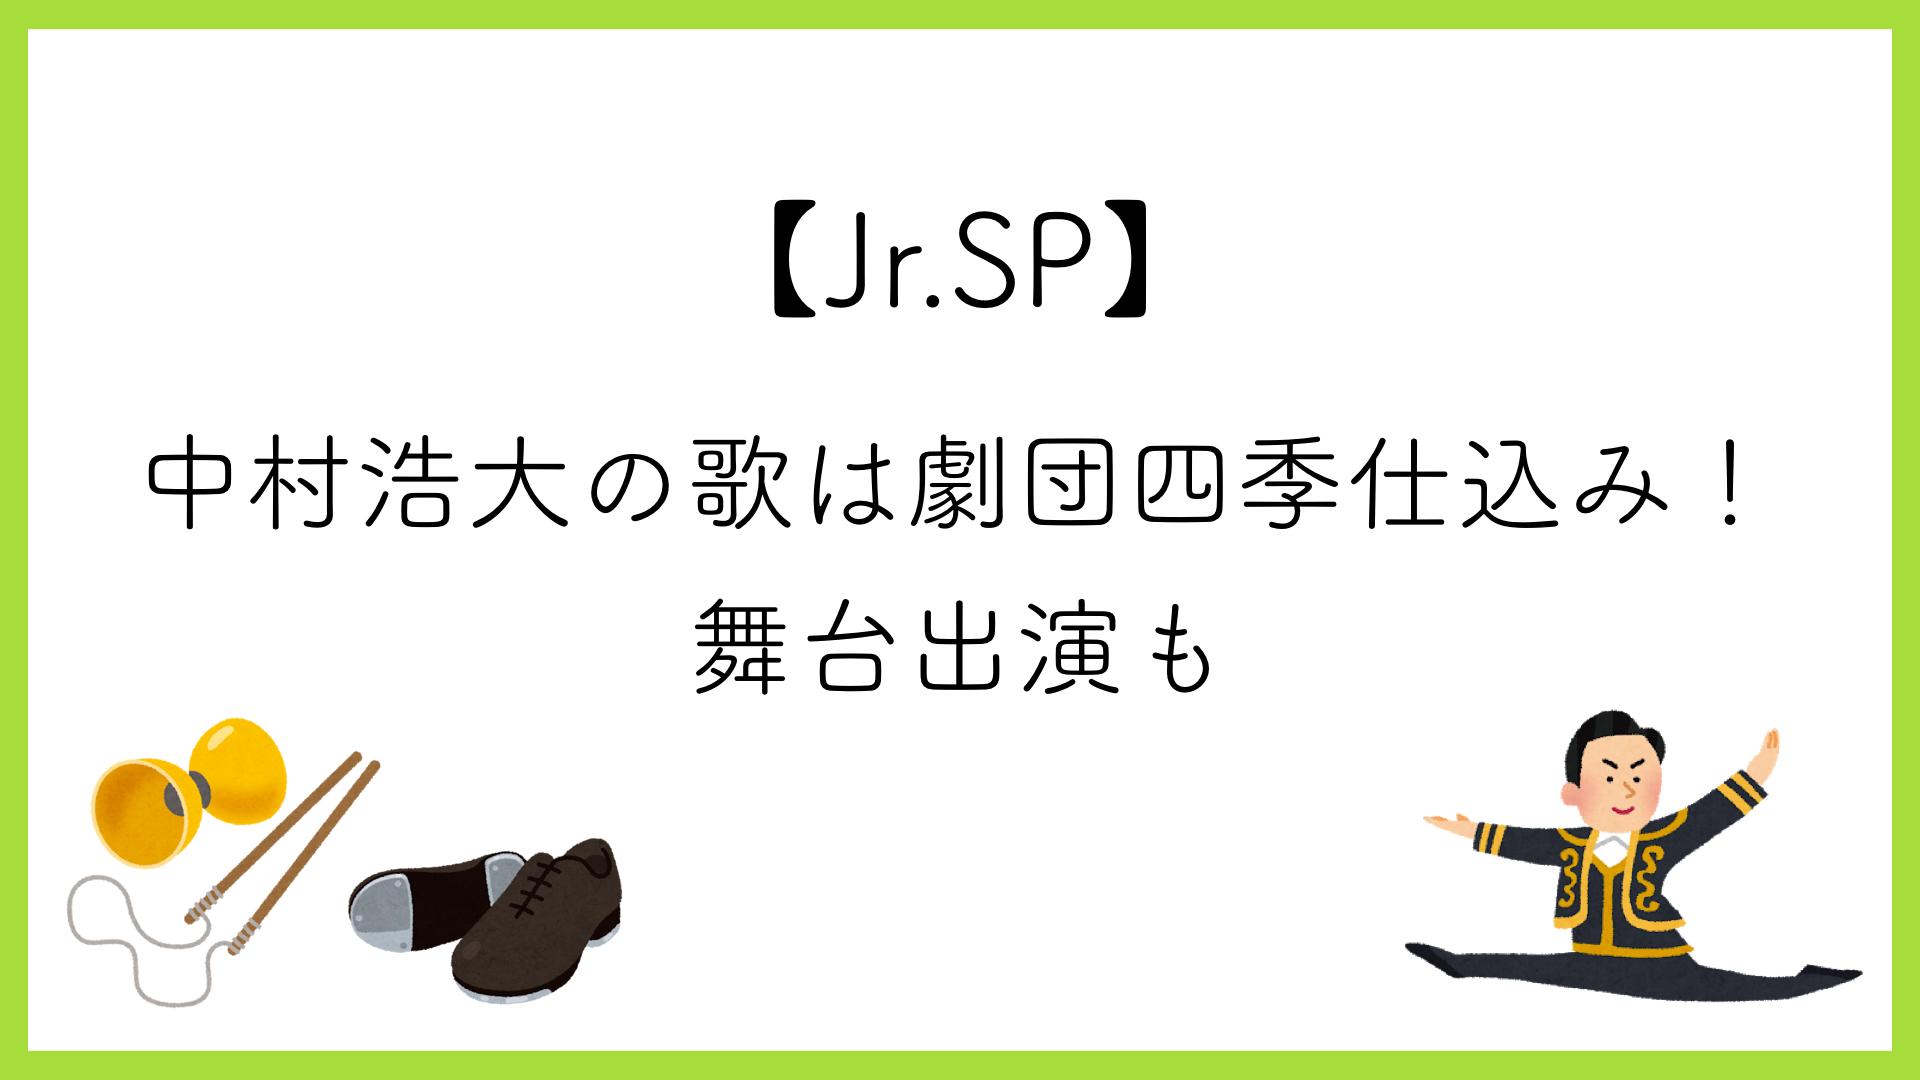 【Jr.SP】中村浩大の歌は劇団四季仕込み!舞台出演も